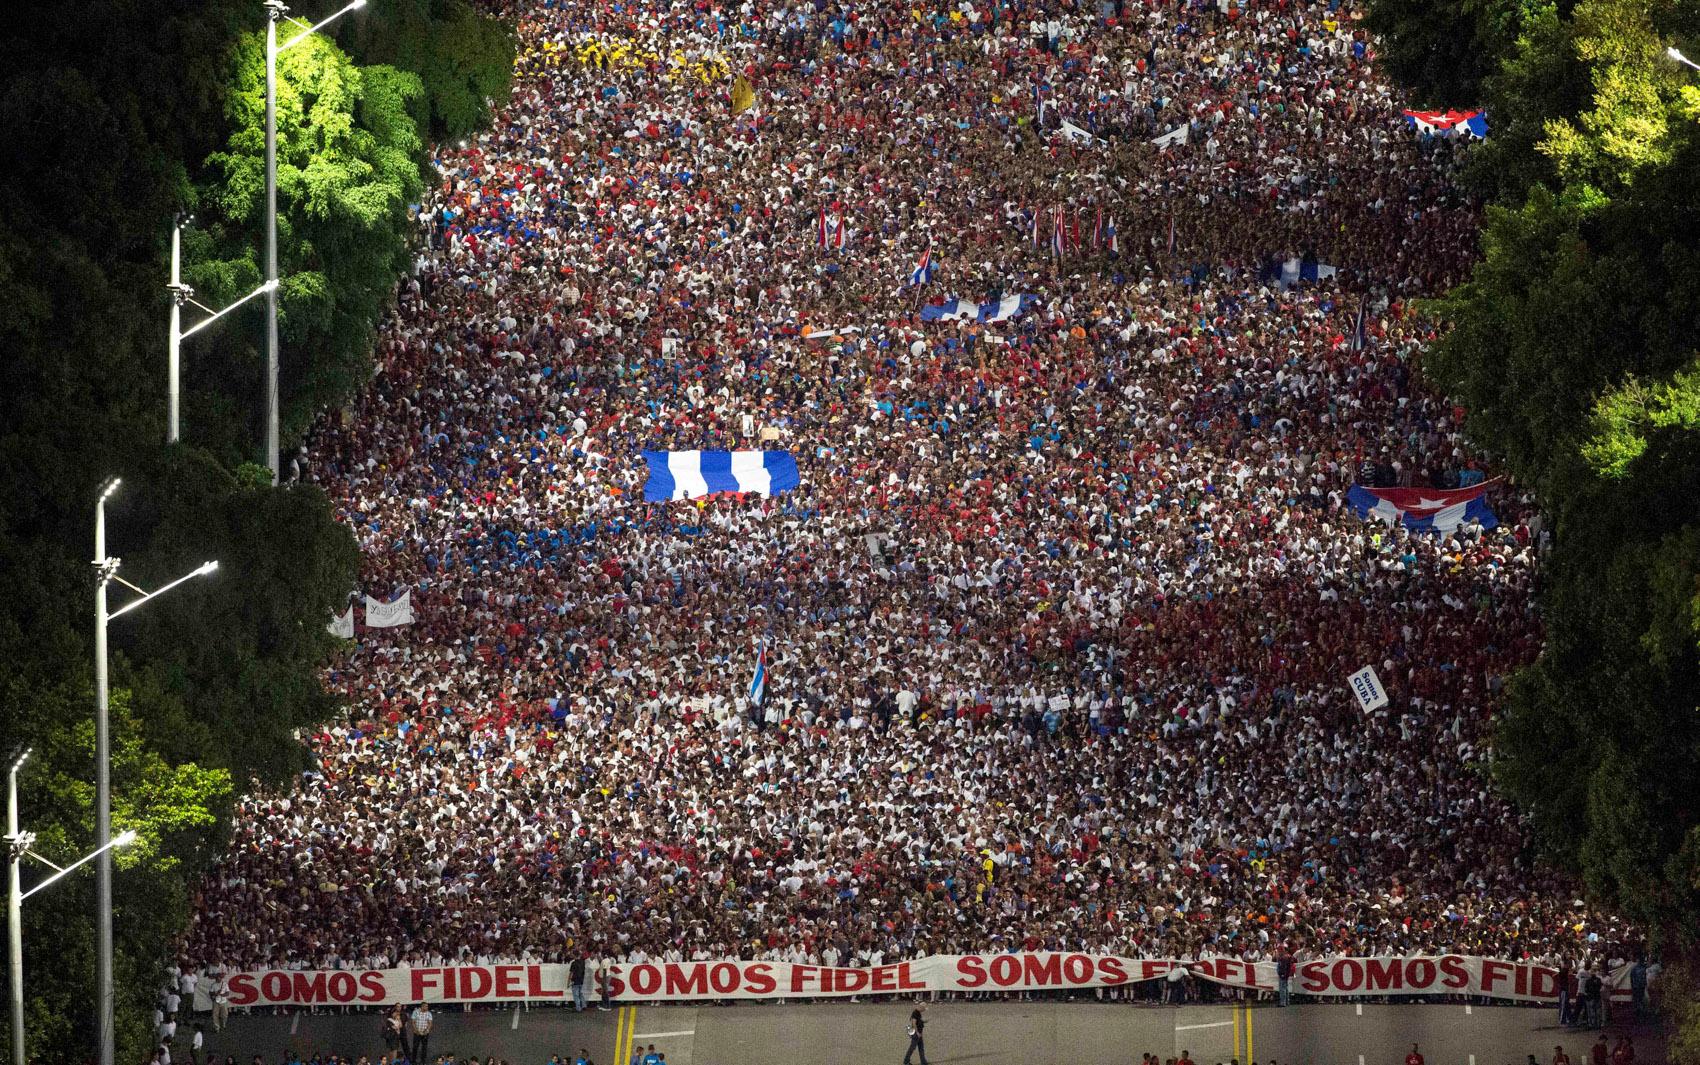 Pessoas participam de marcha em Havana, Cuba, para marcar o Dia das Forças Armadas e comemorar a chegada de Fidel Castro, Ernesto 'Che' Guevara e outros do México para iniciar a revolução em 1959